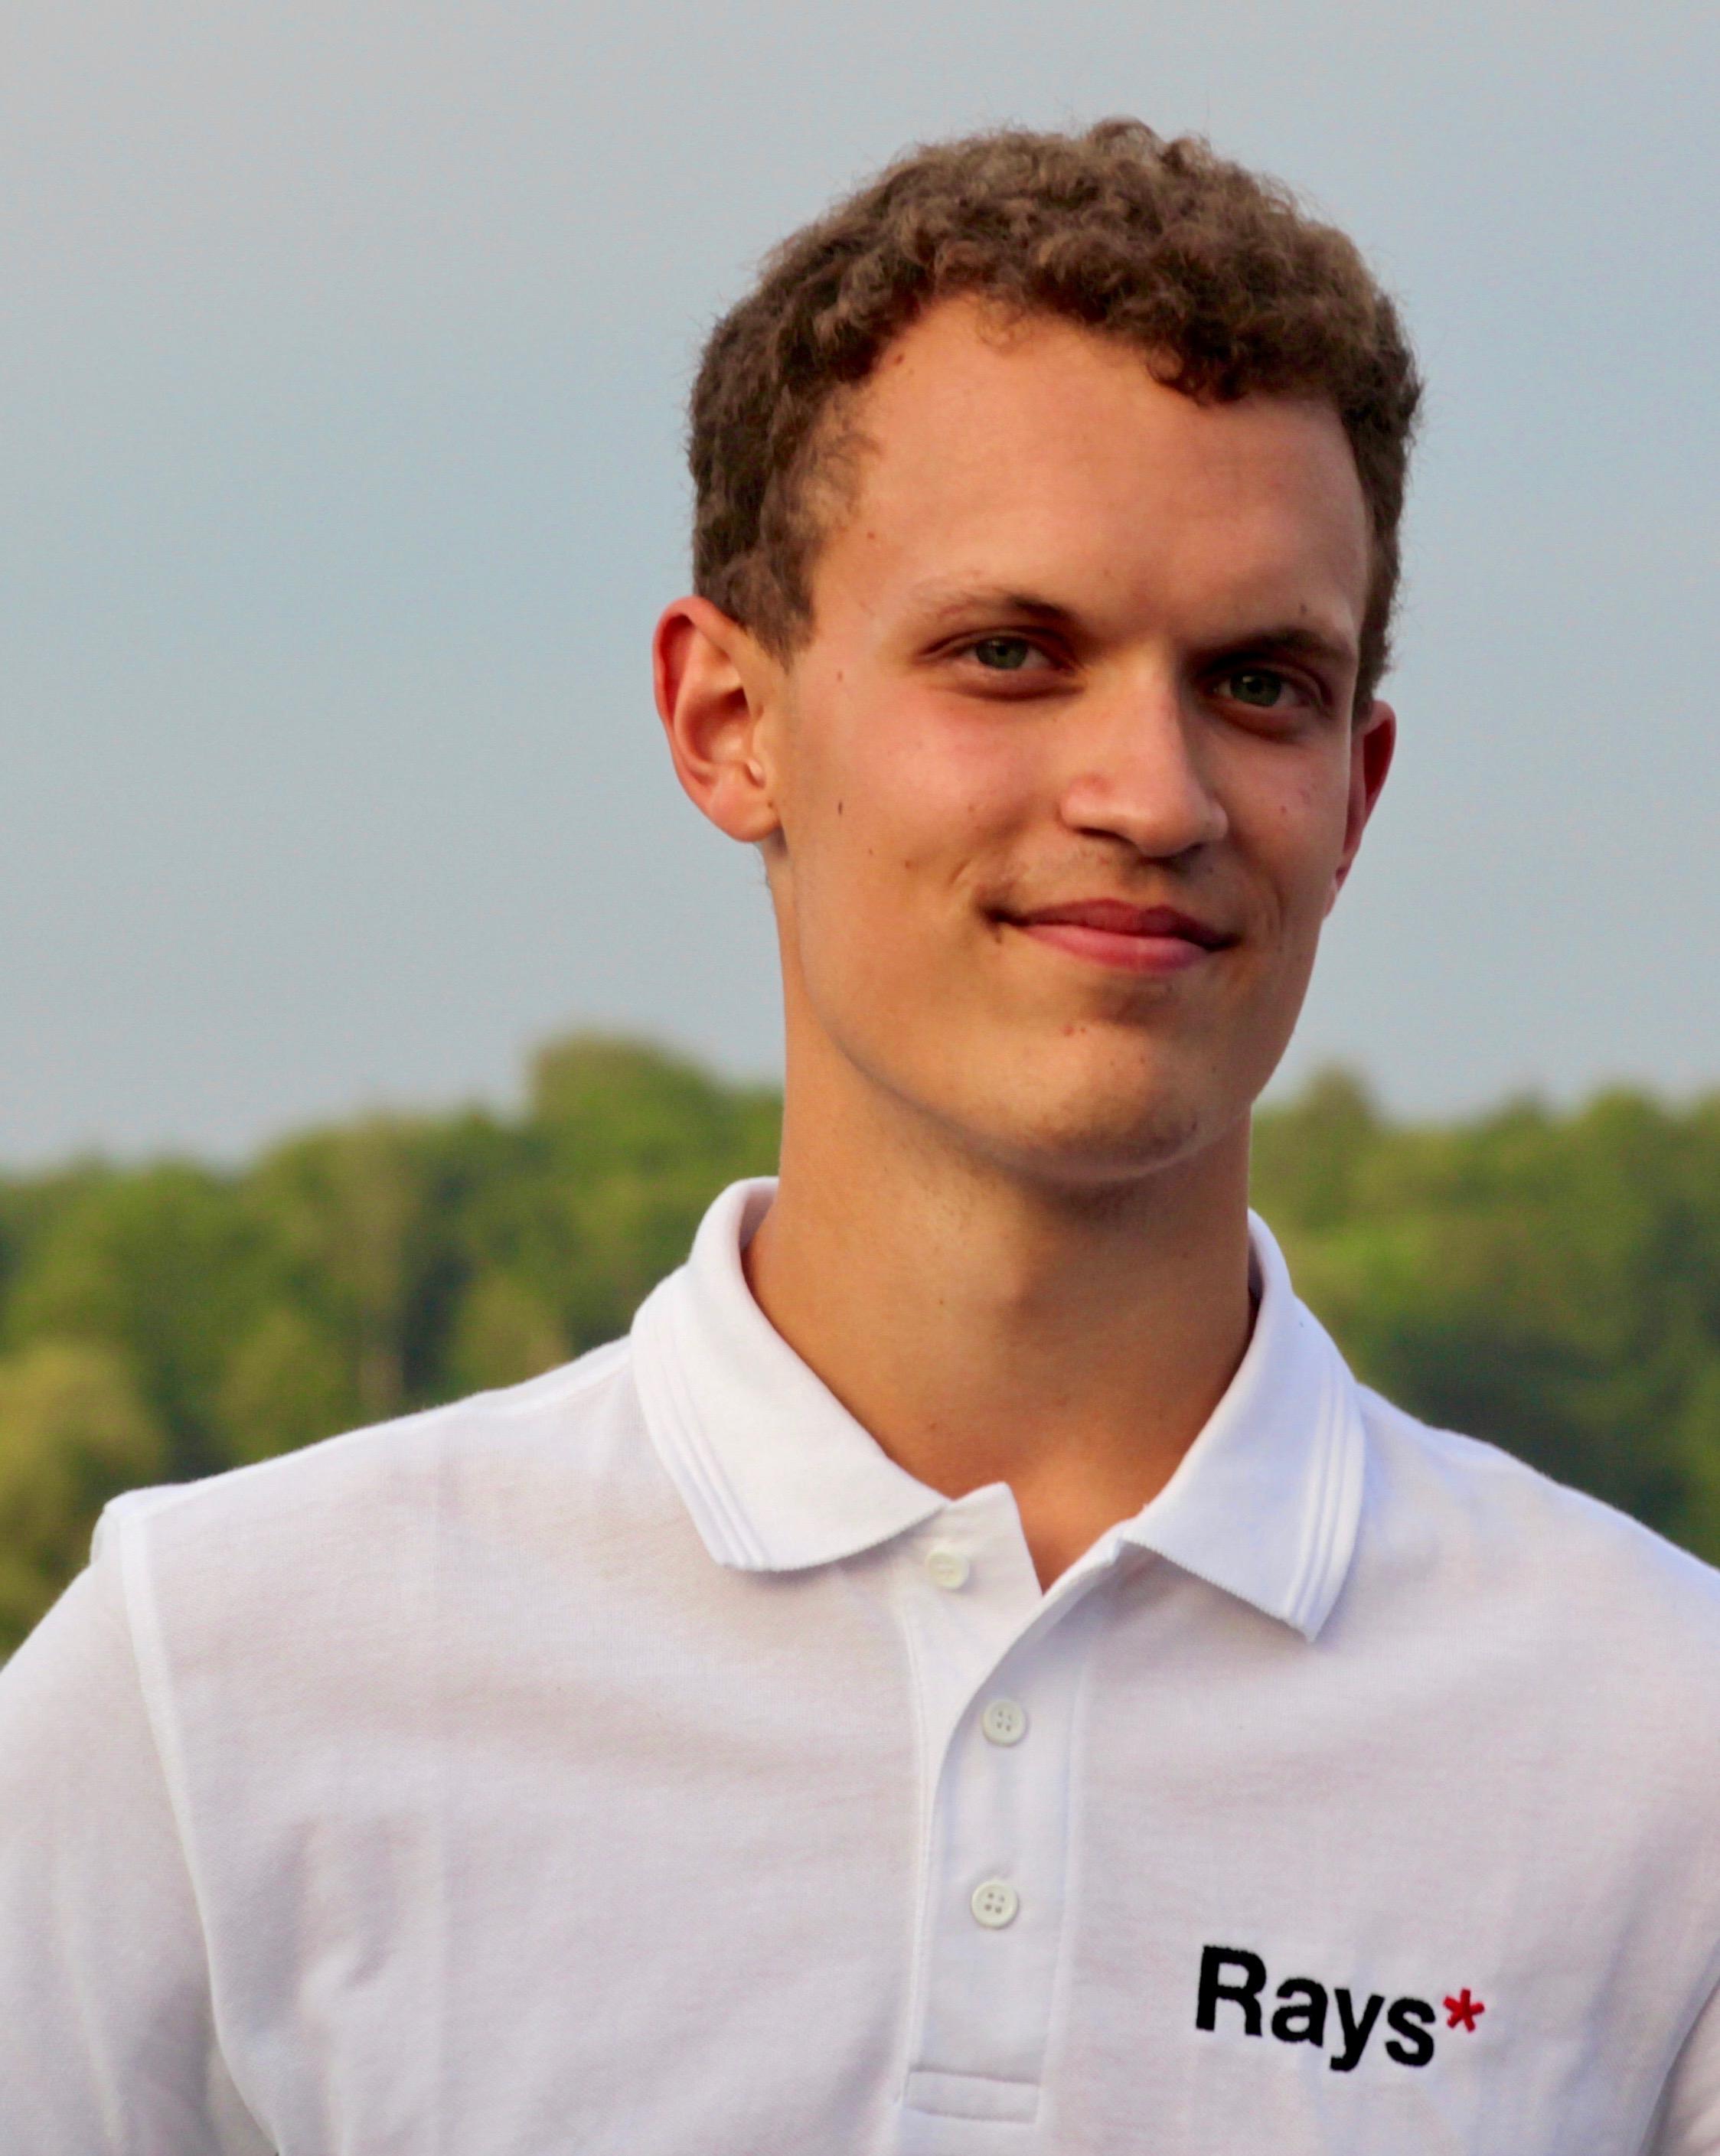 Efter sitt deltagande i Rays 2016 längtar nu Andreas Möller till att börja på universitet.